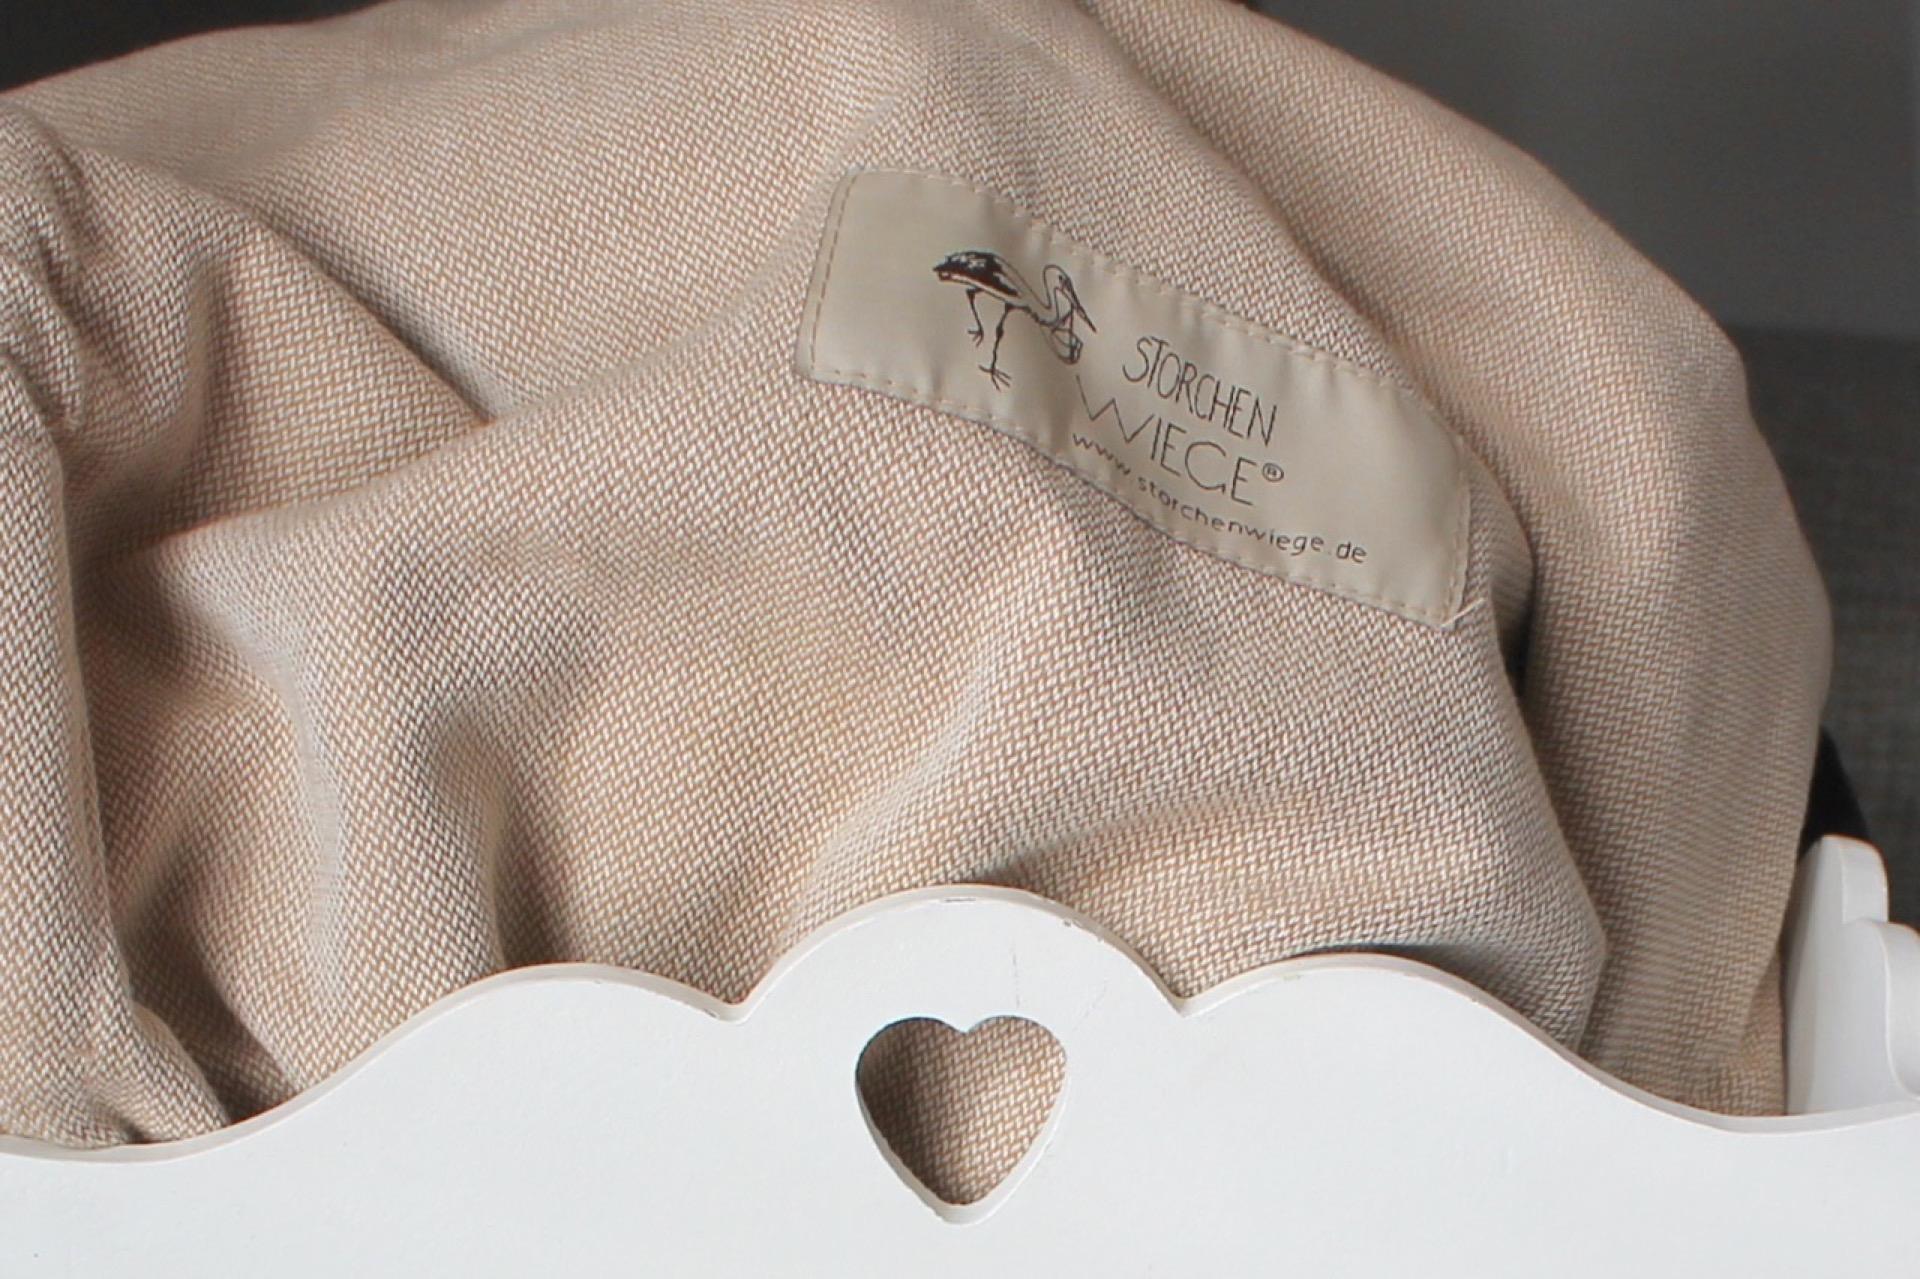 Storchenwiege Baby Carrier